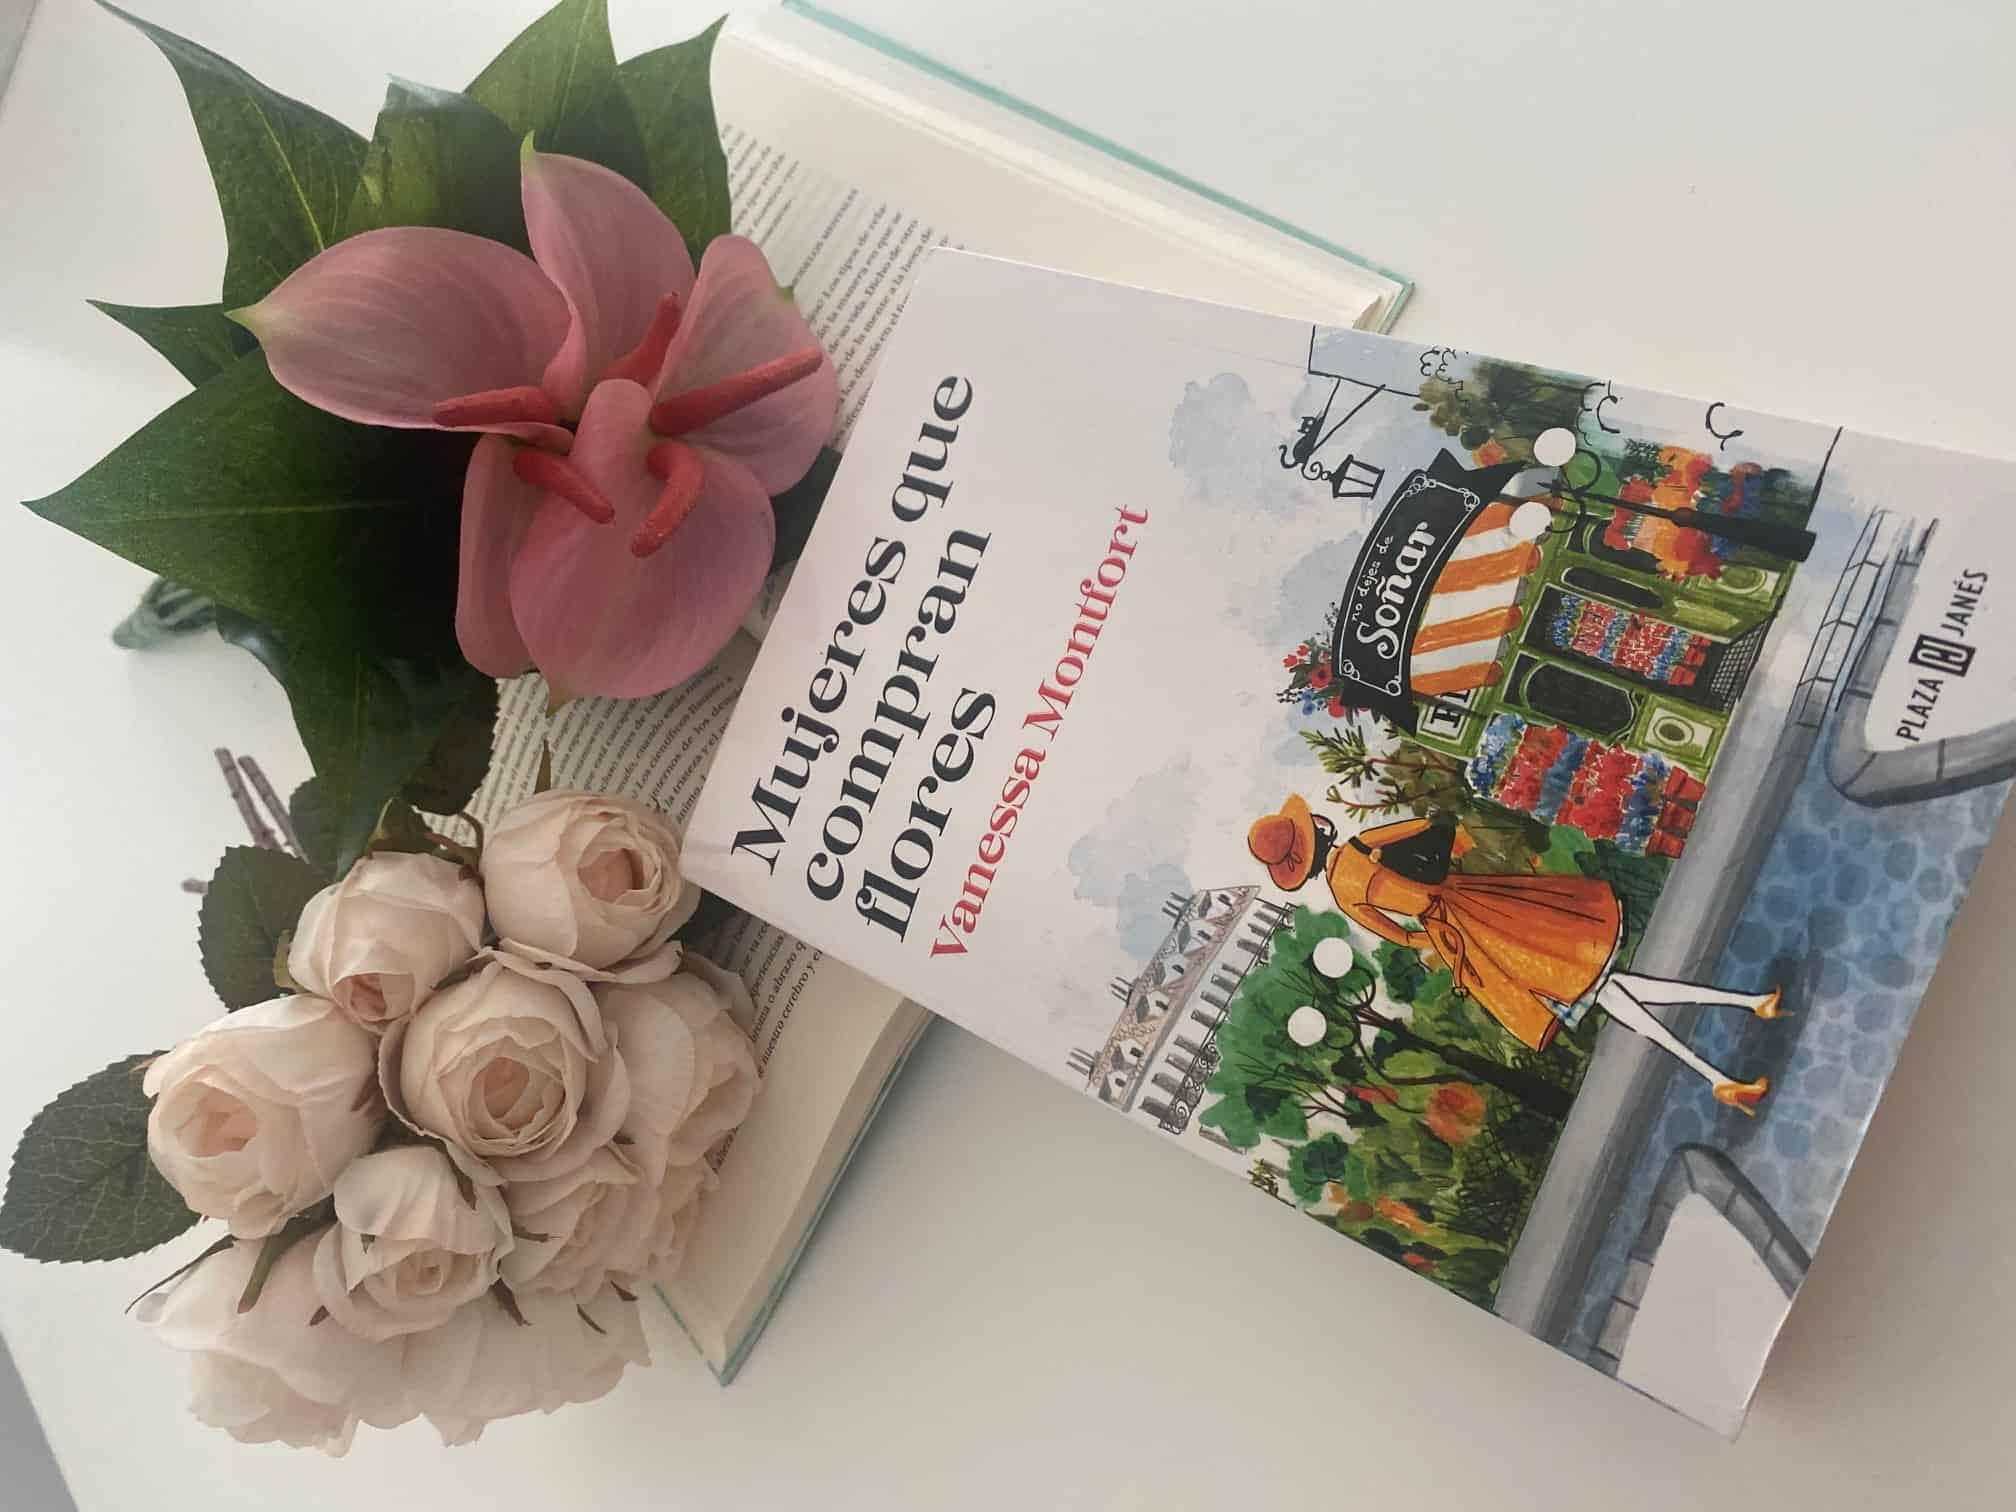 Mujeres que compran flores – Vanessa Montfort.